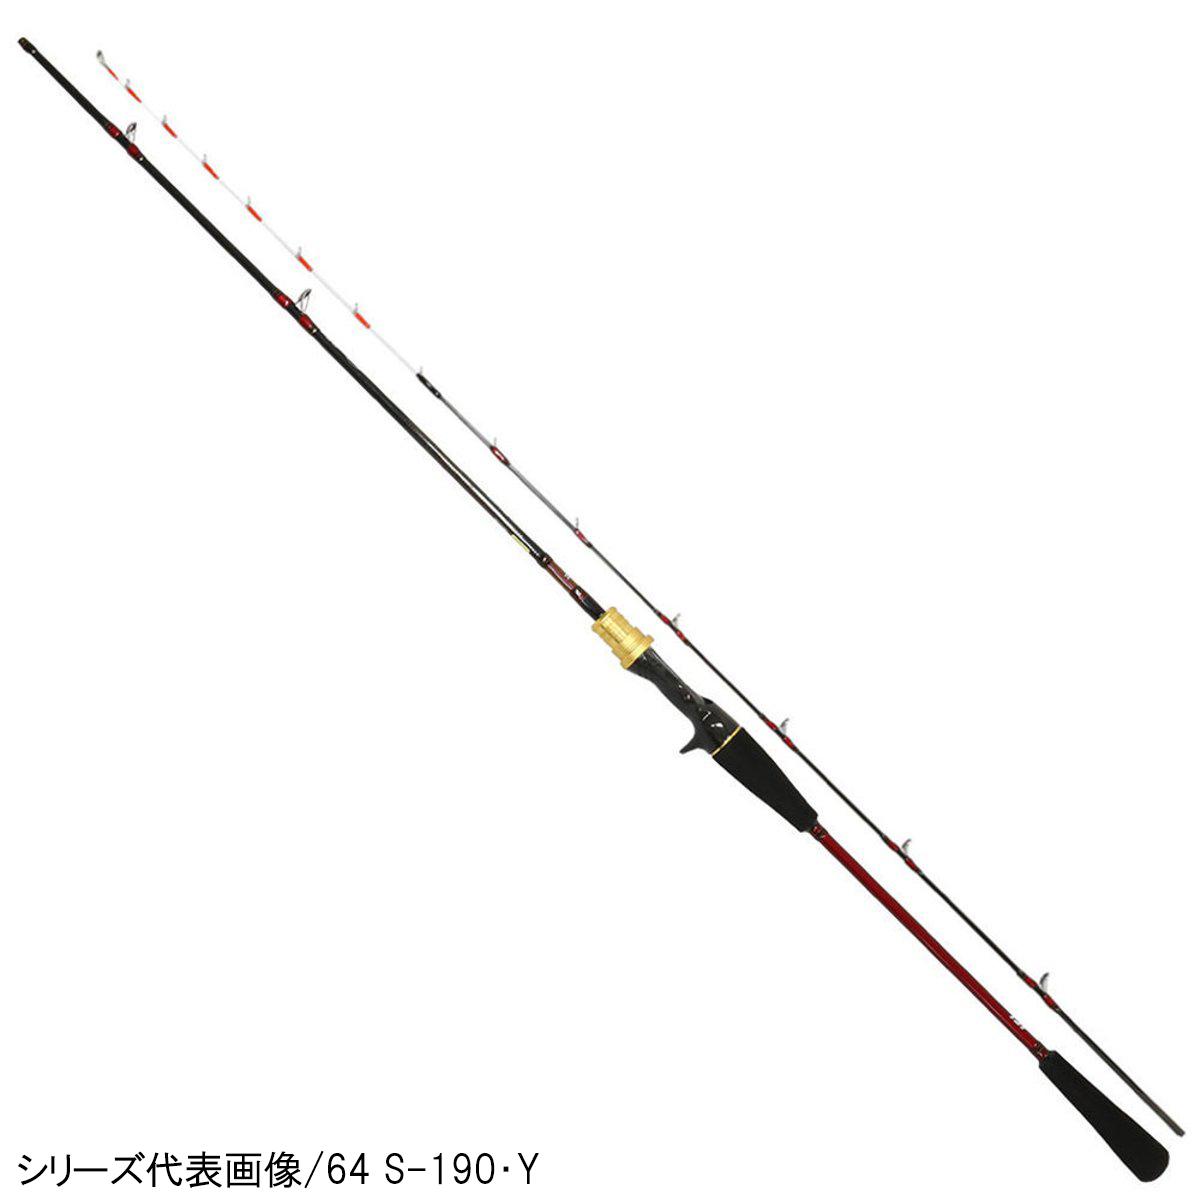 アナリスター ライトゲーム 64 M-190・Y ダイワ【同梱不可】